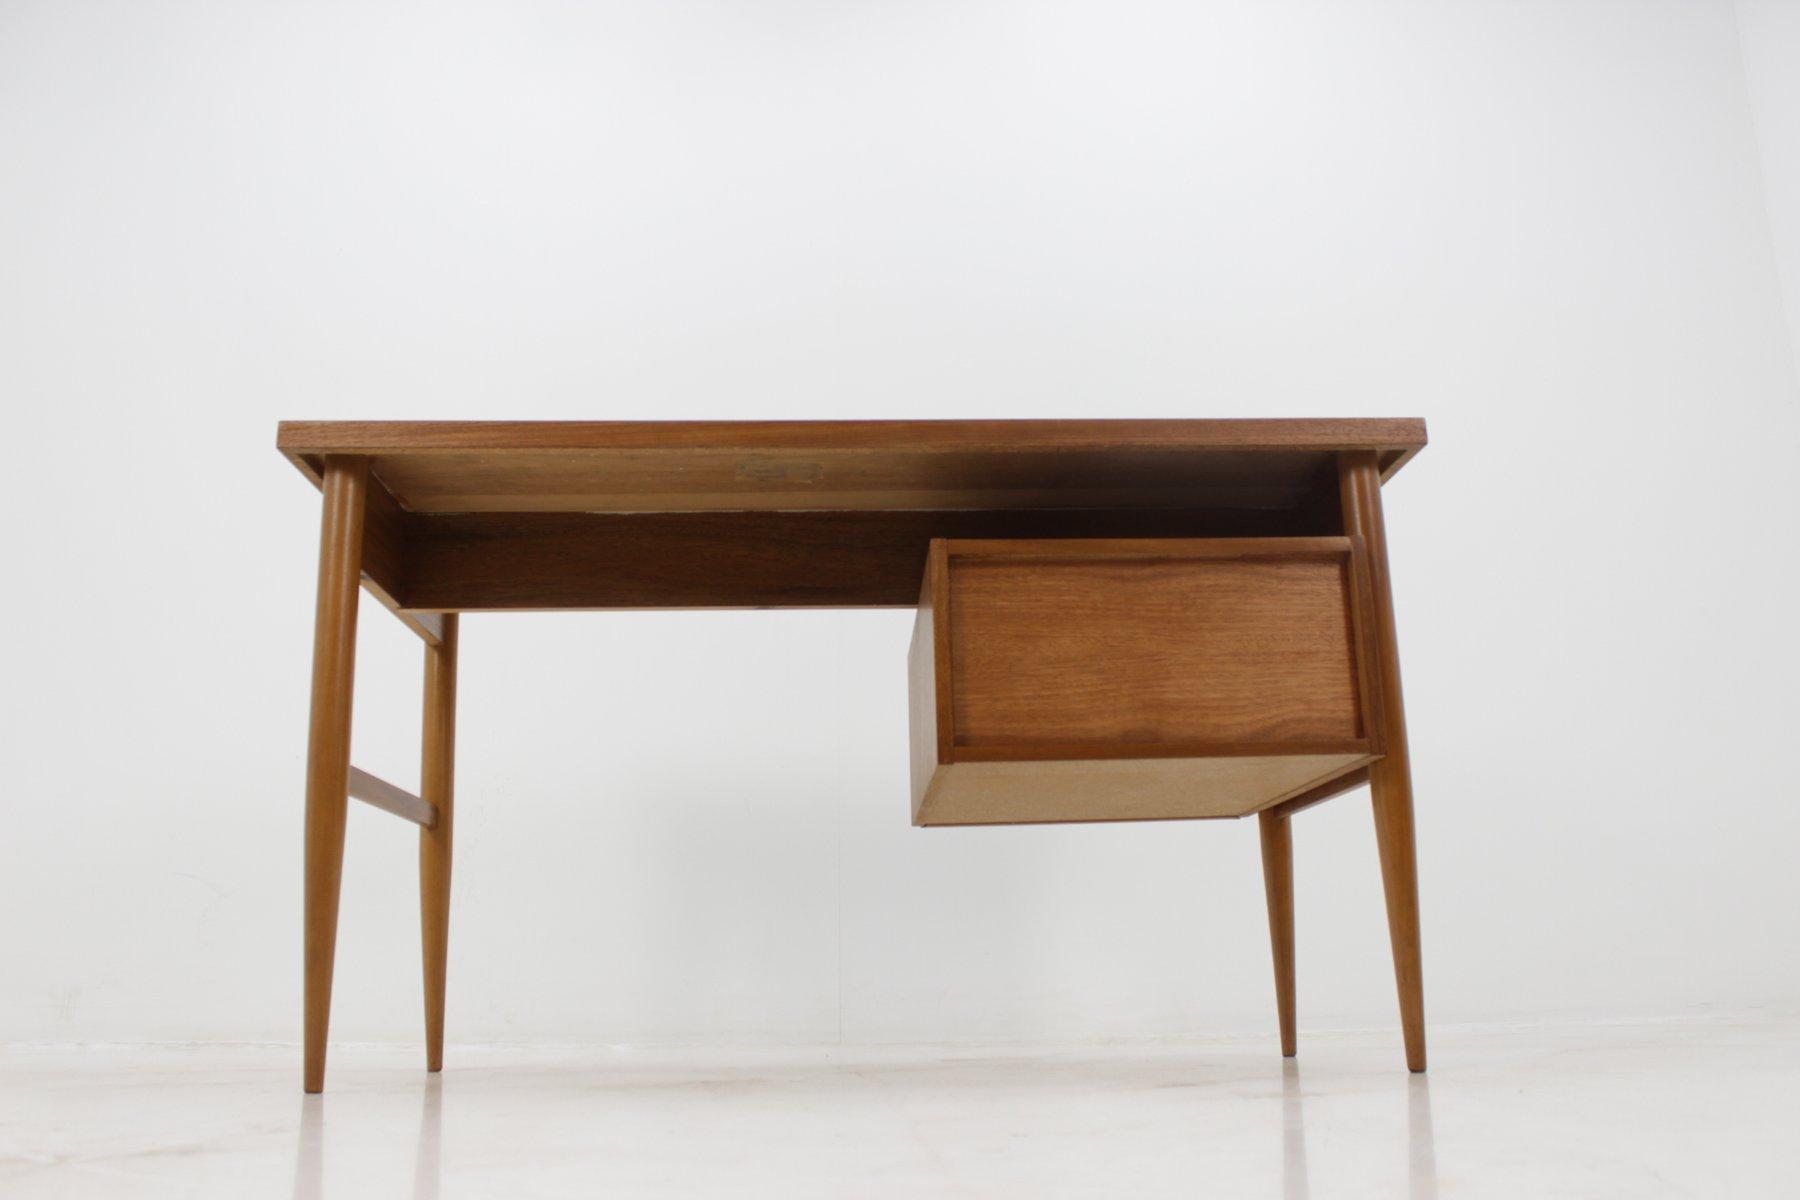 skandinavischer mid century schreibtisch bei pamono kaufen. Black Bedroom Furniture Sets. Home Design Ideas